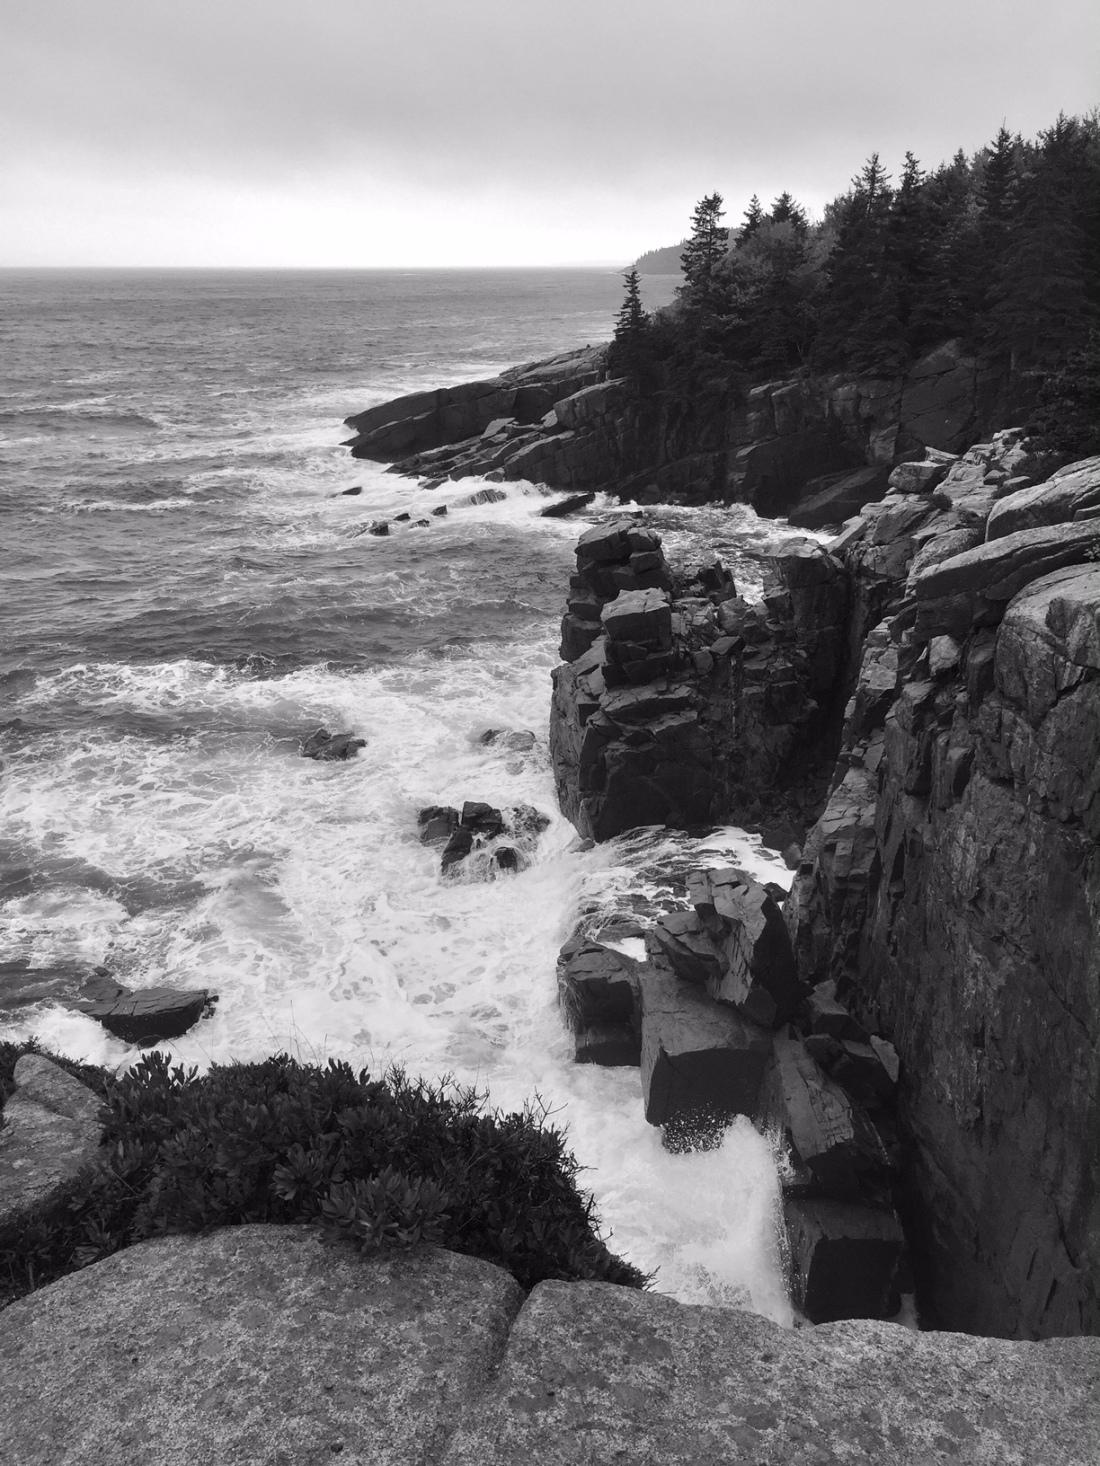 rocky shore b:w